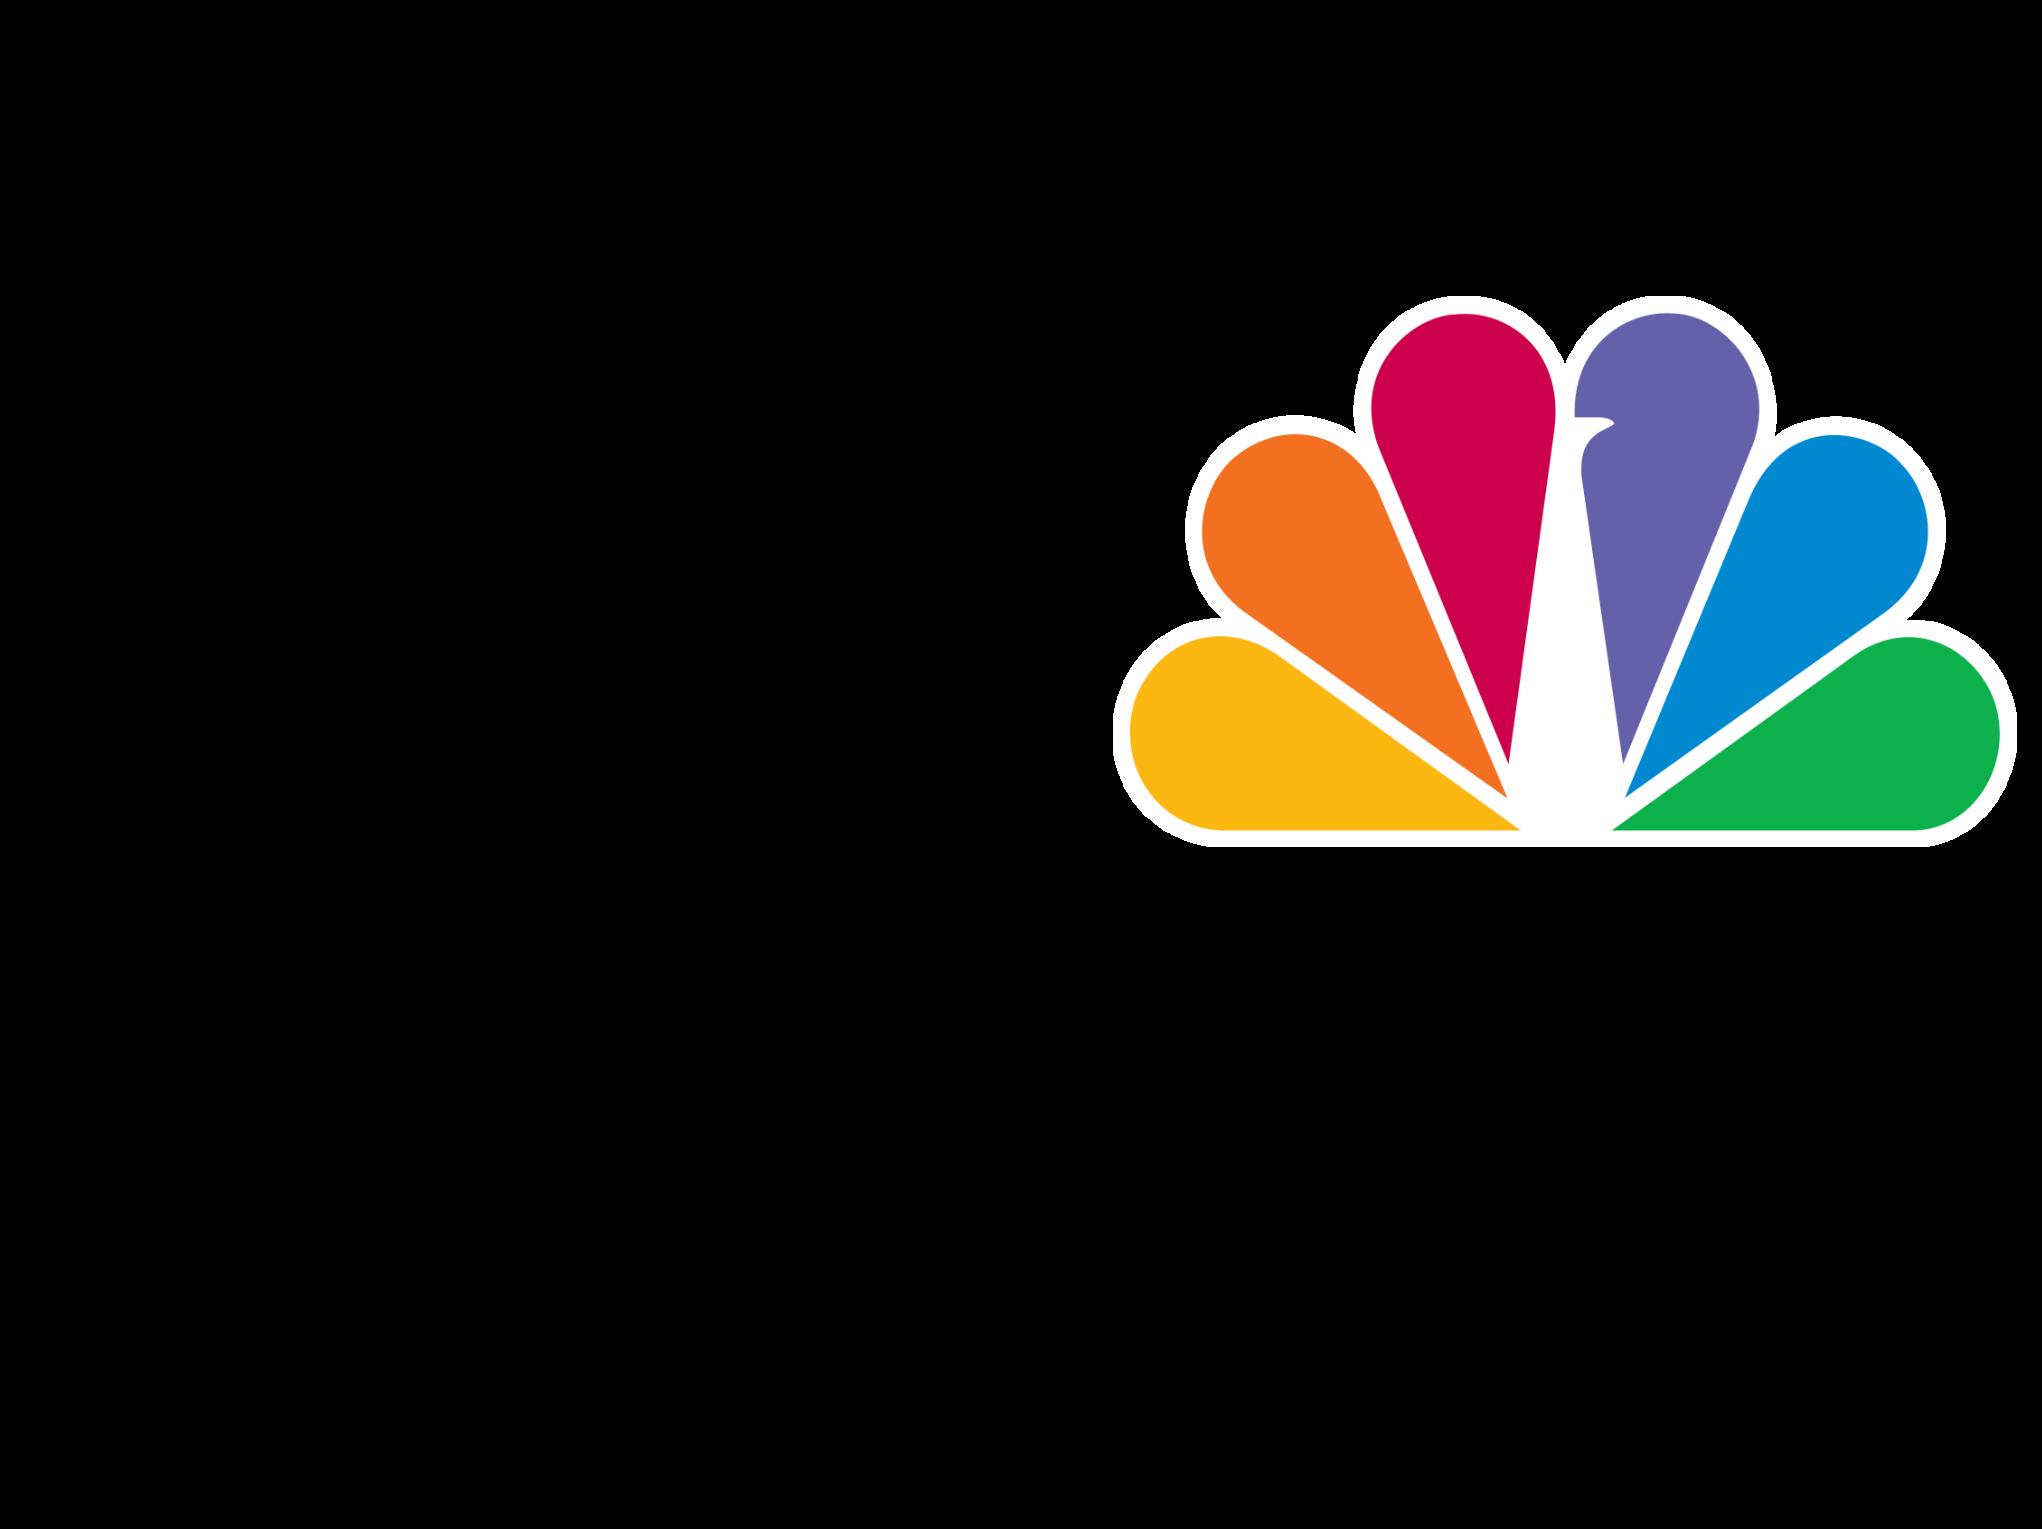 AlternateHistory.com's WAND logo #1.png